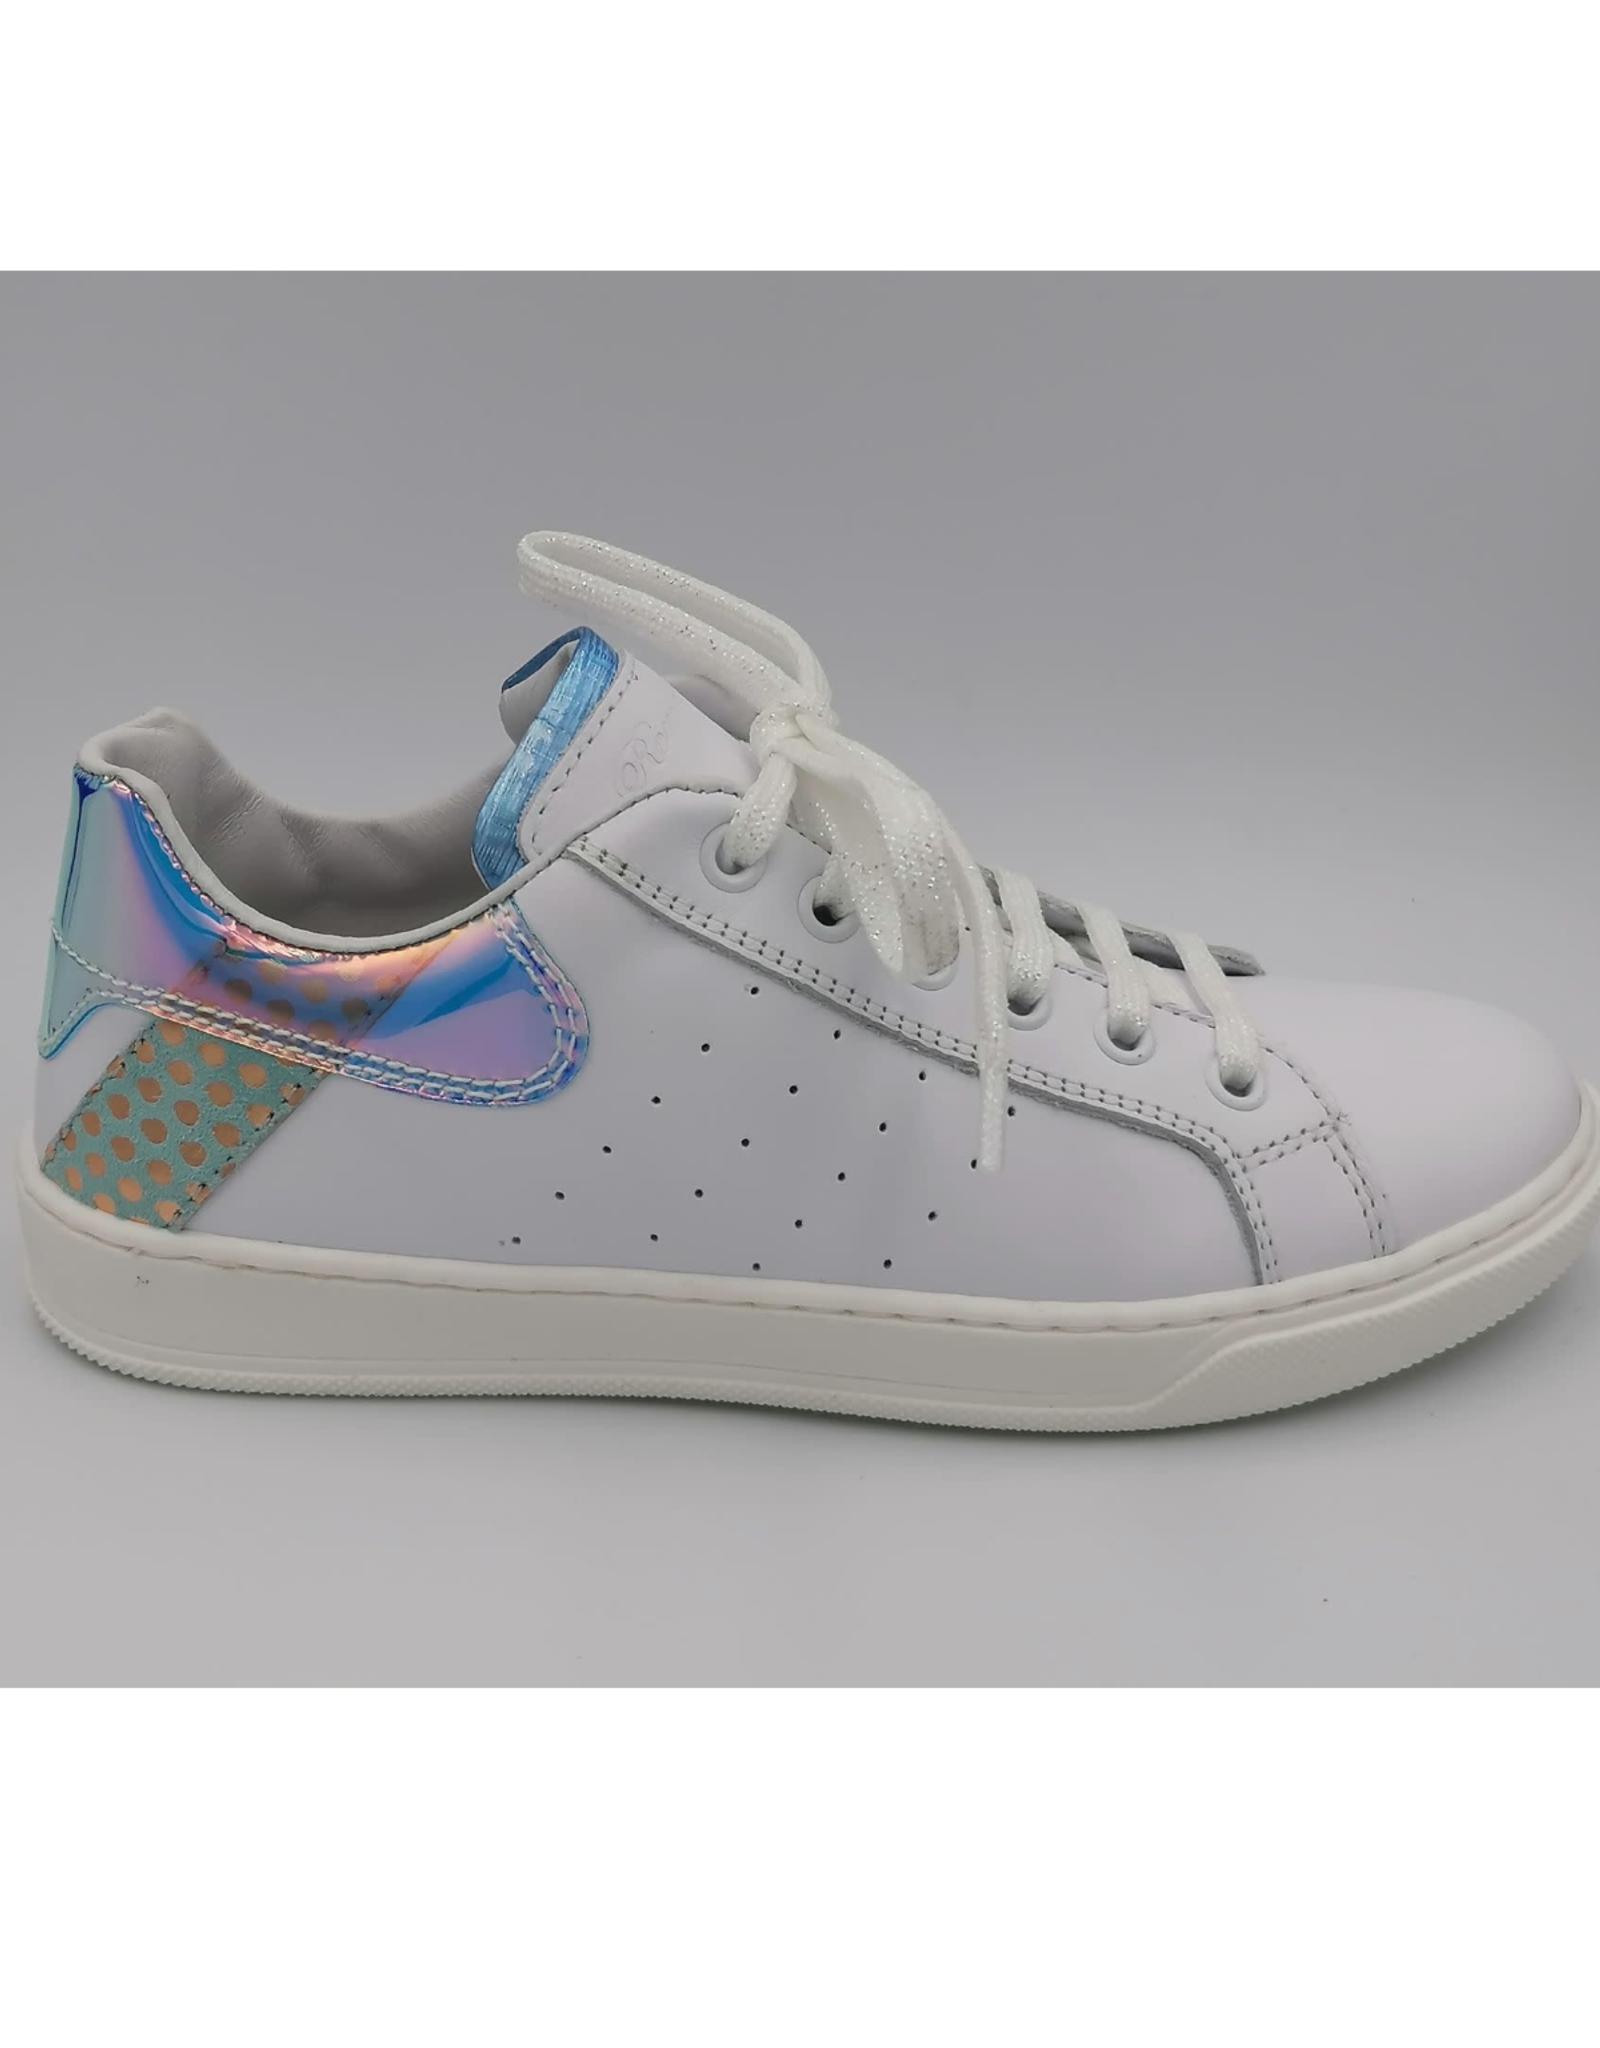 Romagnoli Romagnoli witte sneaker met licht blauw